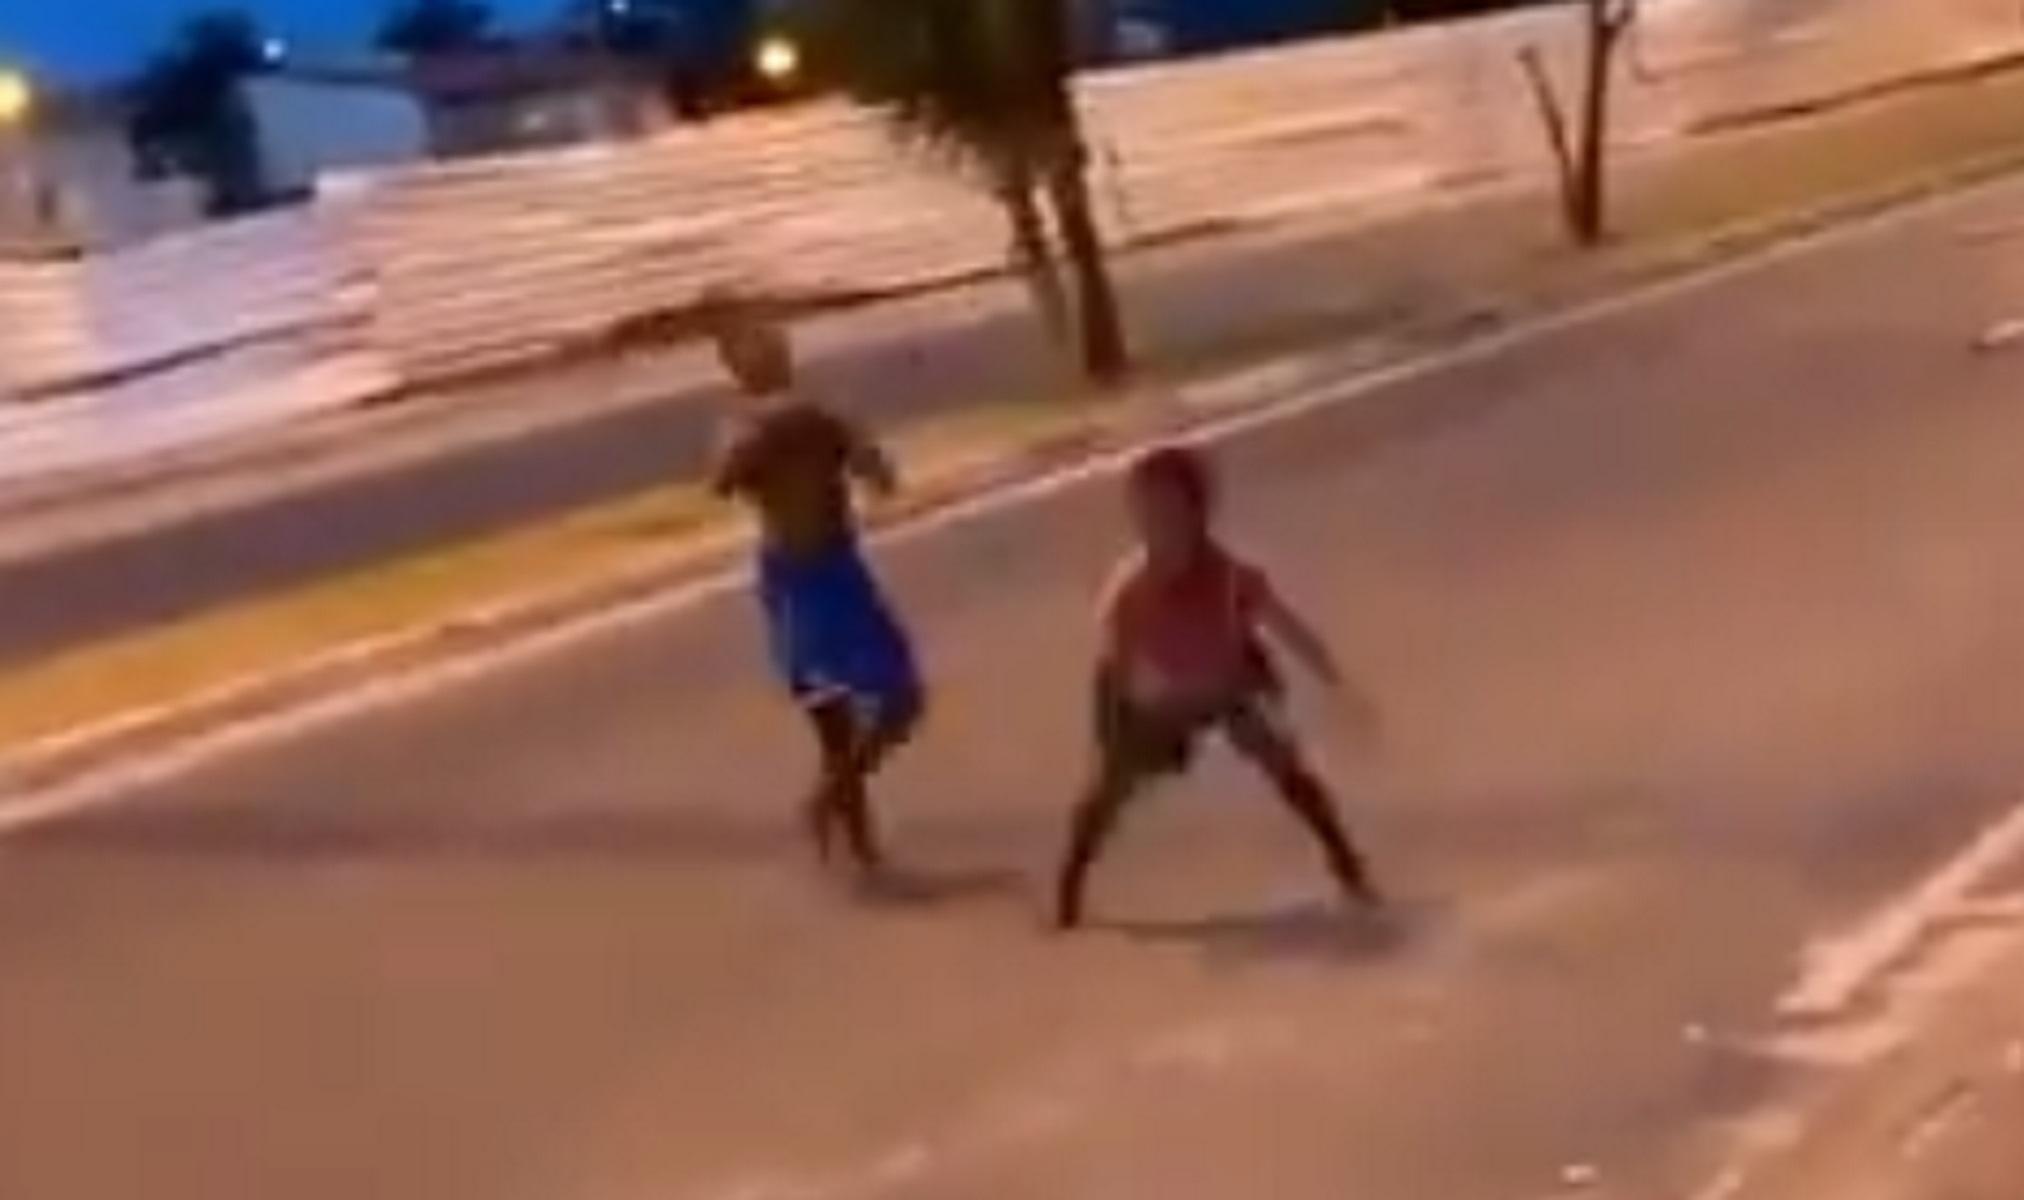 Απίστευτο γκολ από ξυπόλητο Βραζιλιάνο πιτσιρικά σε ματς στο δρόμο (video)